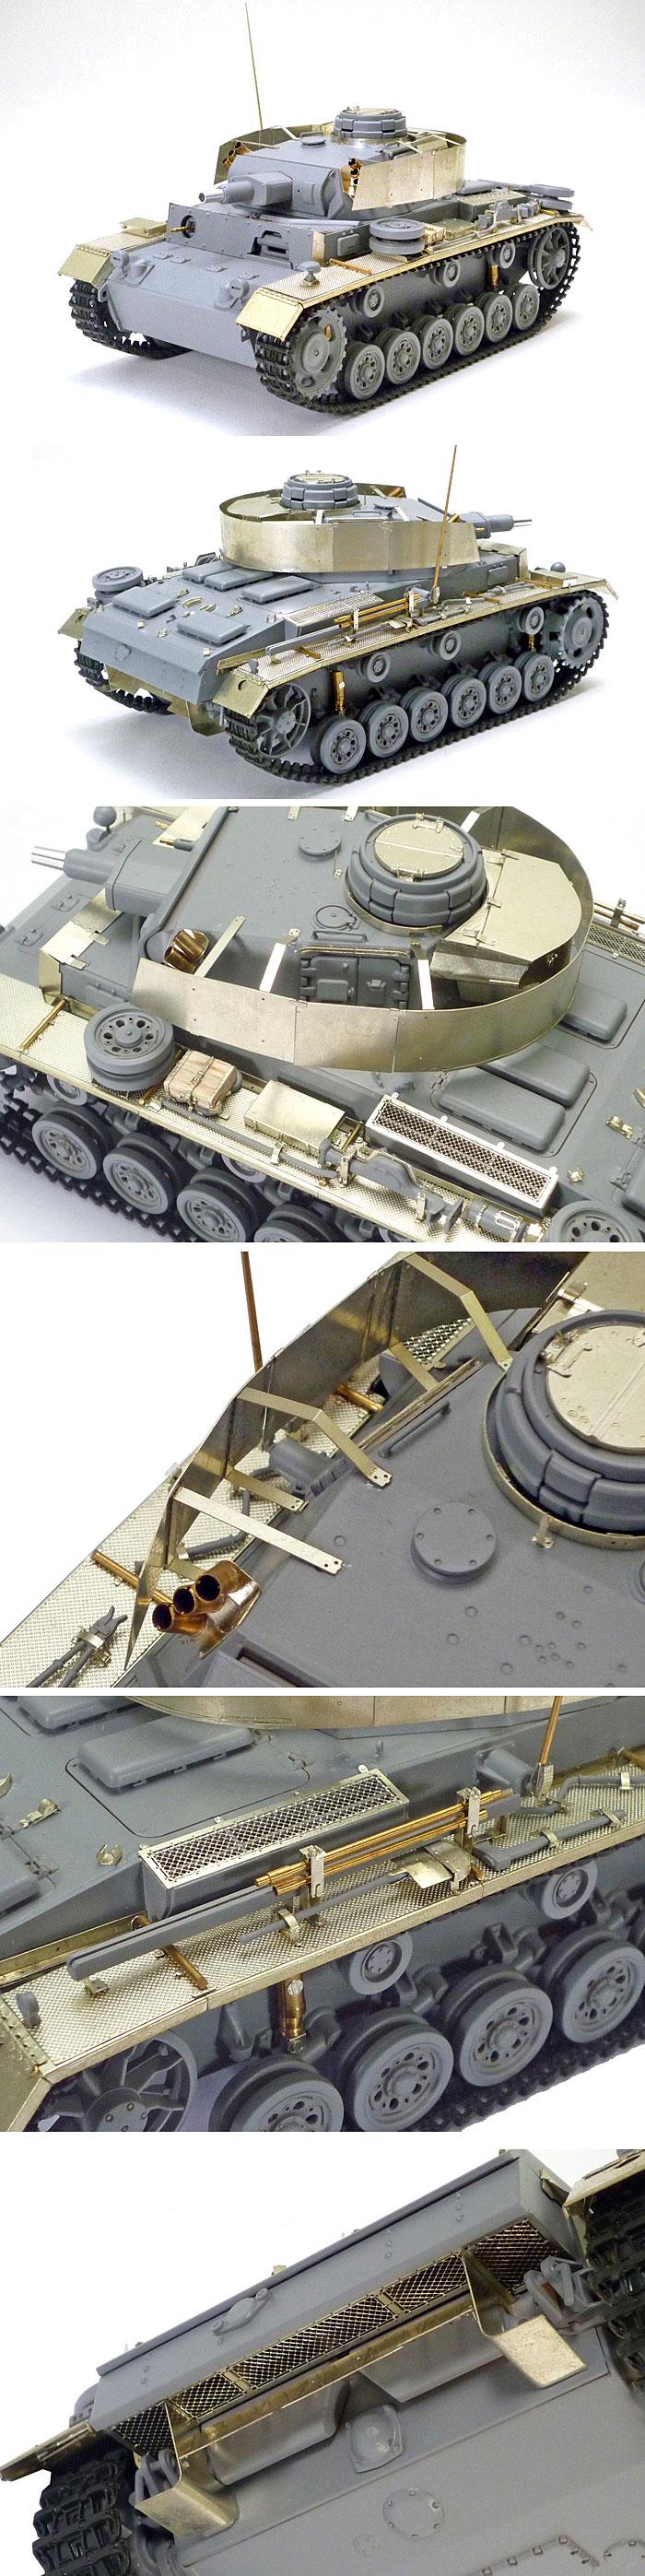 ドイツ 3号戦車 N型 (アベール社製エッチングパーツ/金属砲身付き)プラモデル(タミヤスケール限定品No.25159)商品画像_2